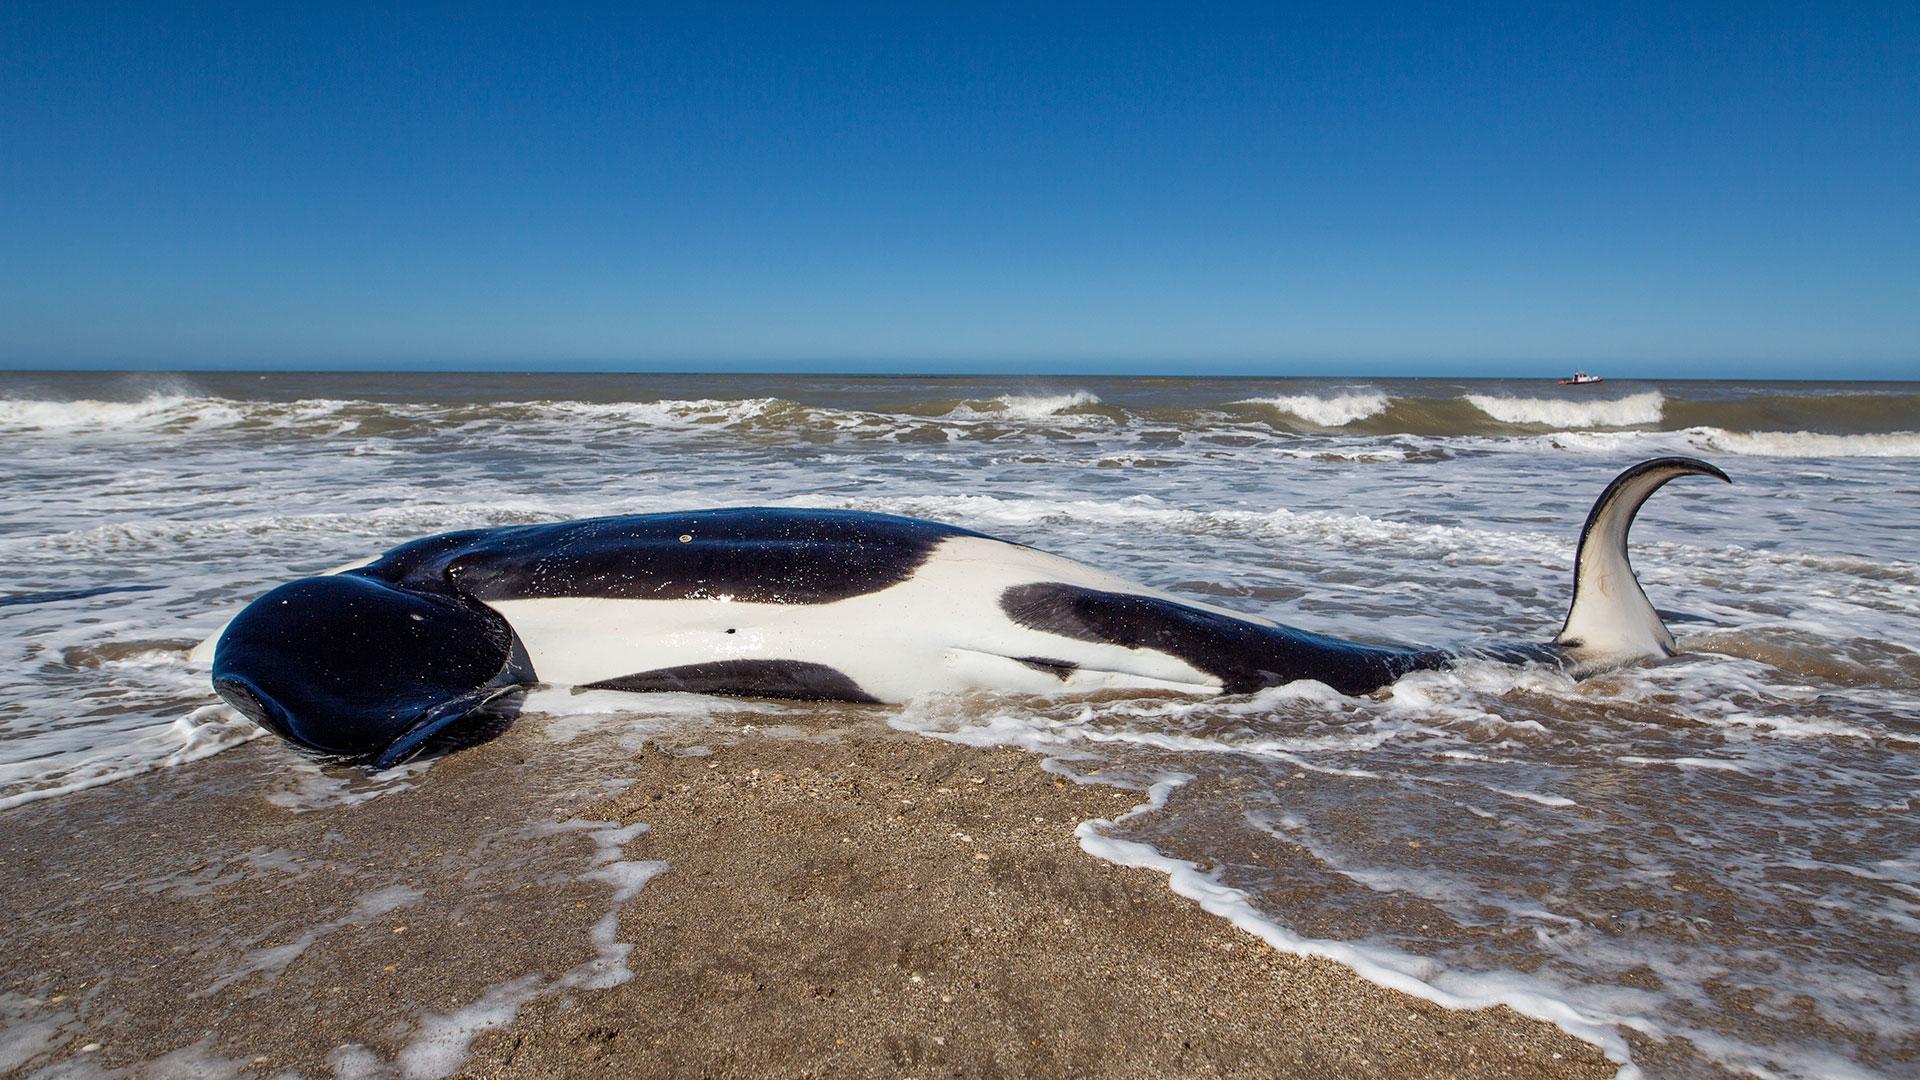 Una de las siete orcas no pudo ser rescatada y murió